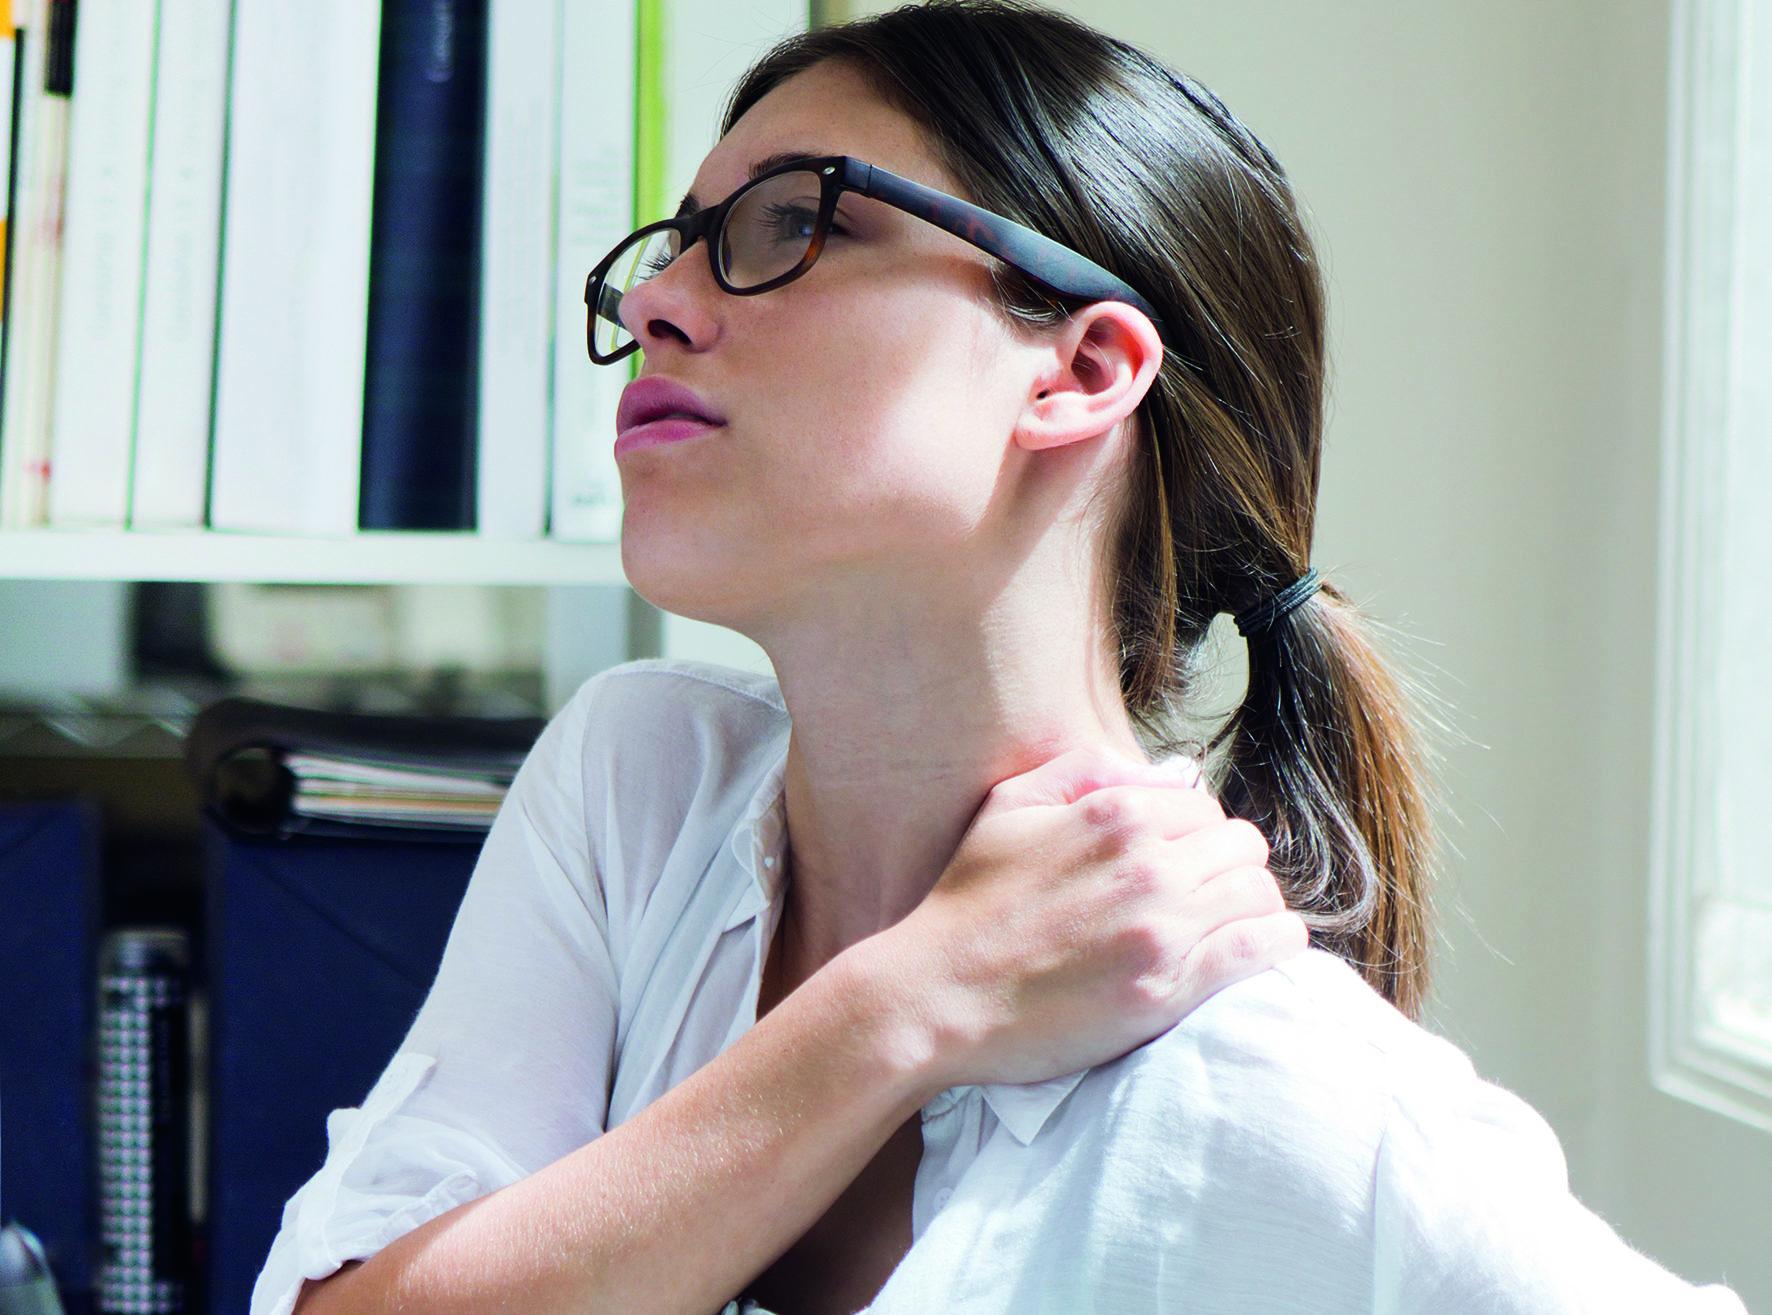 Stress verursacht Beschwerden: eine Frau fasst sich aufgrund von Schmerzen und Verspannung an ihren Nacken.